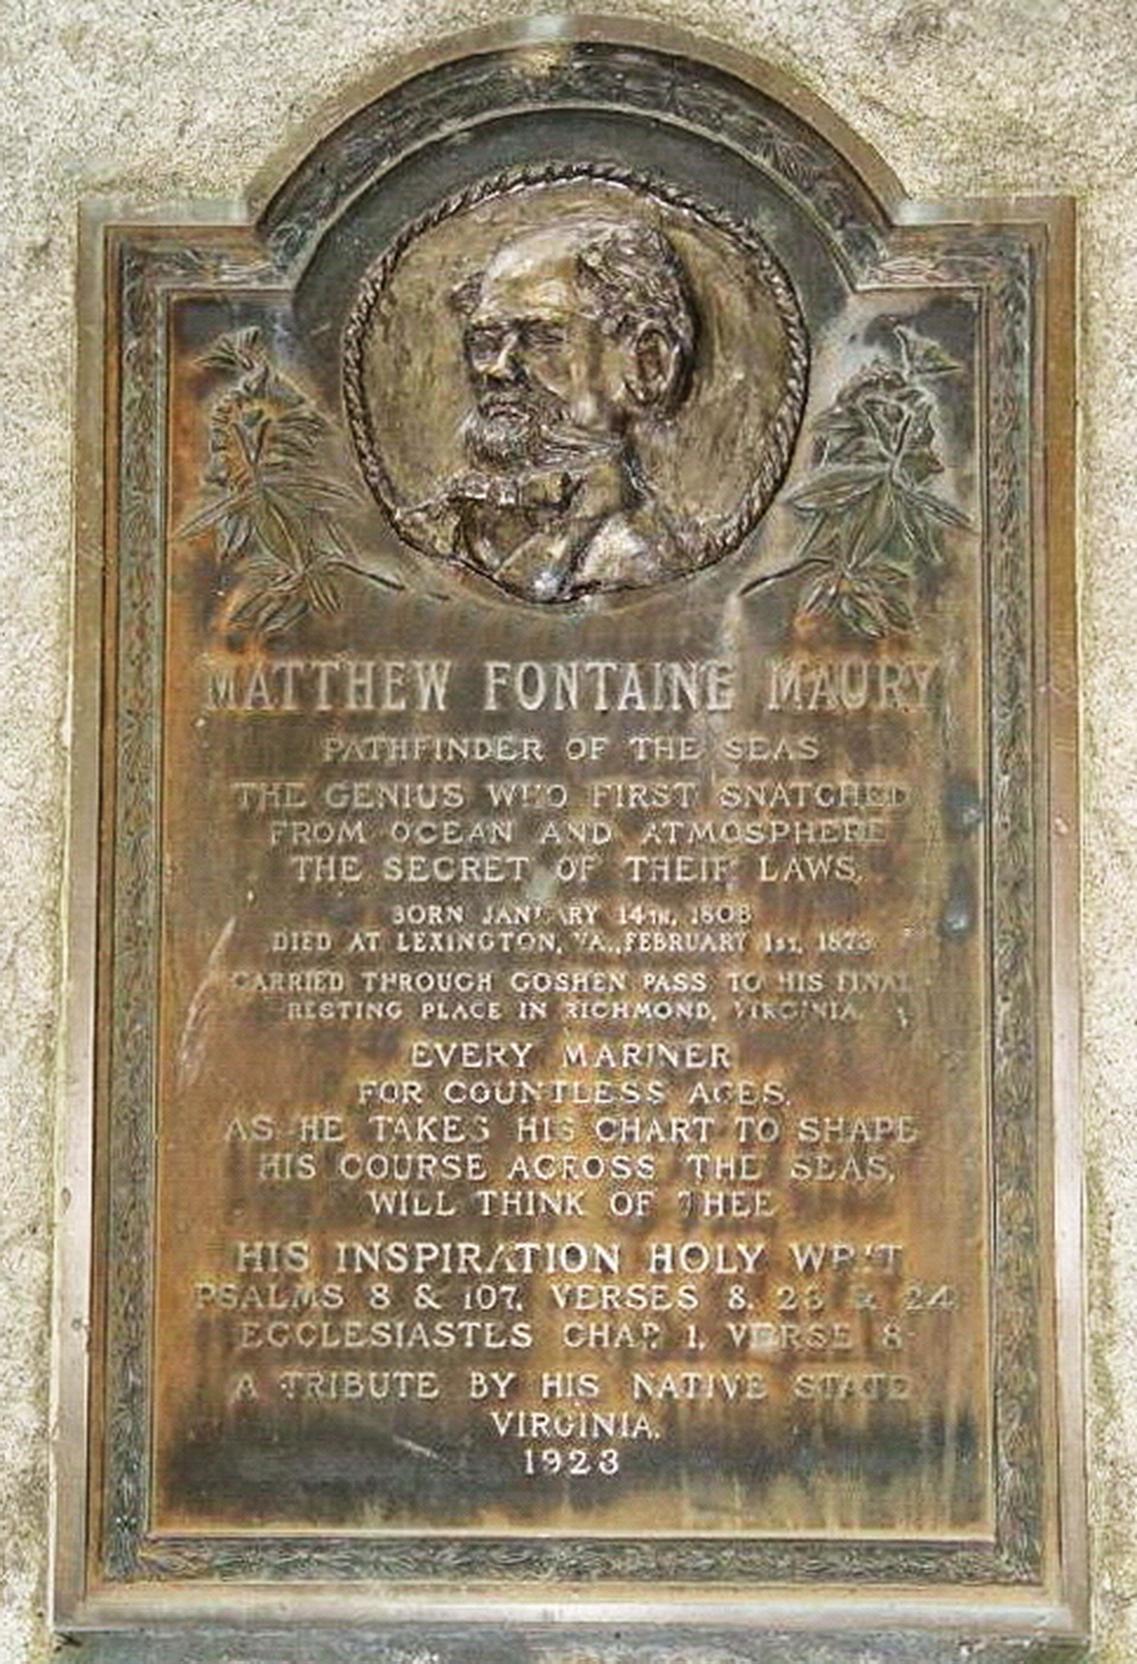 上图:位于弗吉尼亚州里士满的莫里纪念碑,立于1923年,上面写着:莫里发现海洋航道的灵感来自诗篇8:8、诗篇107:23-24和传道书1:6。美国科学家马太·方丹·莫里(Matthew Fontaine Maury,1806-1873年)是海洋航道的发现者,他提出了横渡大西洋的最佳航道,他所绘制的航海图、海洋图和风场图大幅缩短了从美国到欧洲之间的航程,并且减低了遇到恶劣天气的机会。